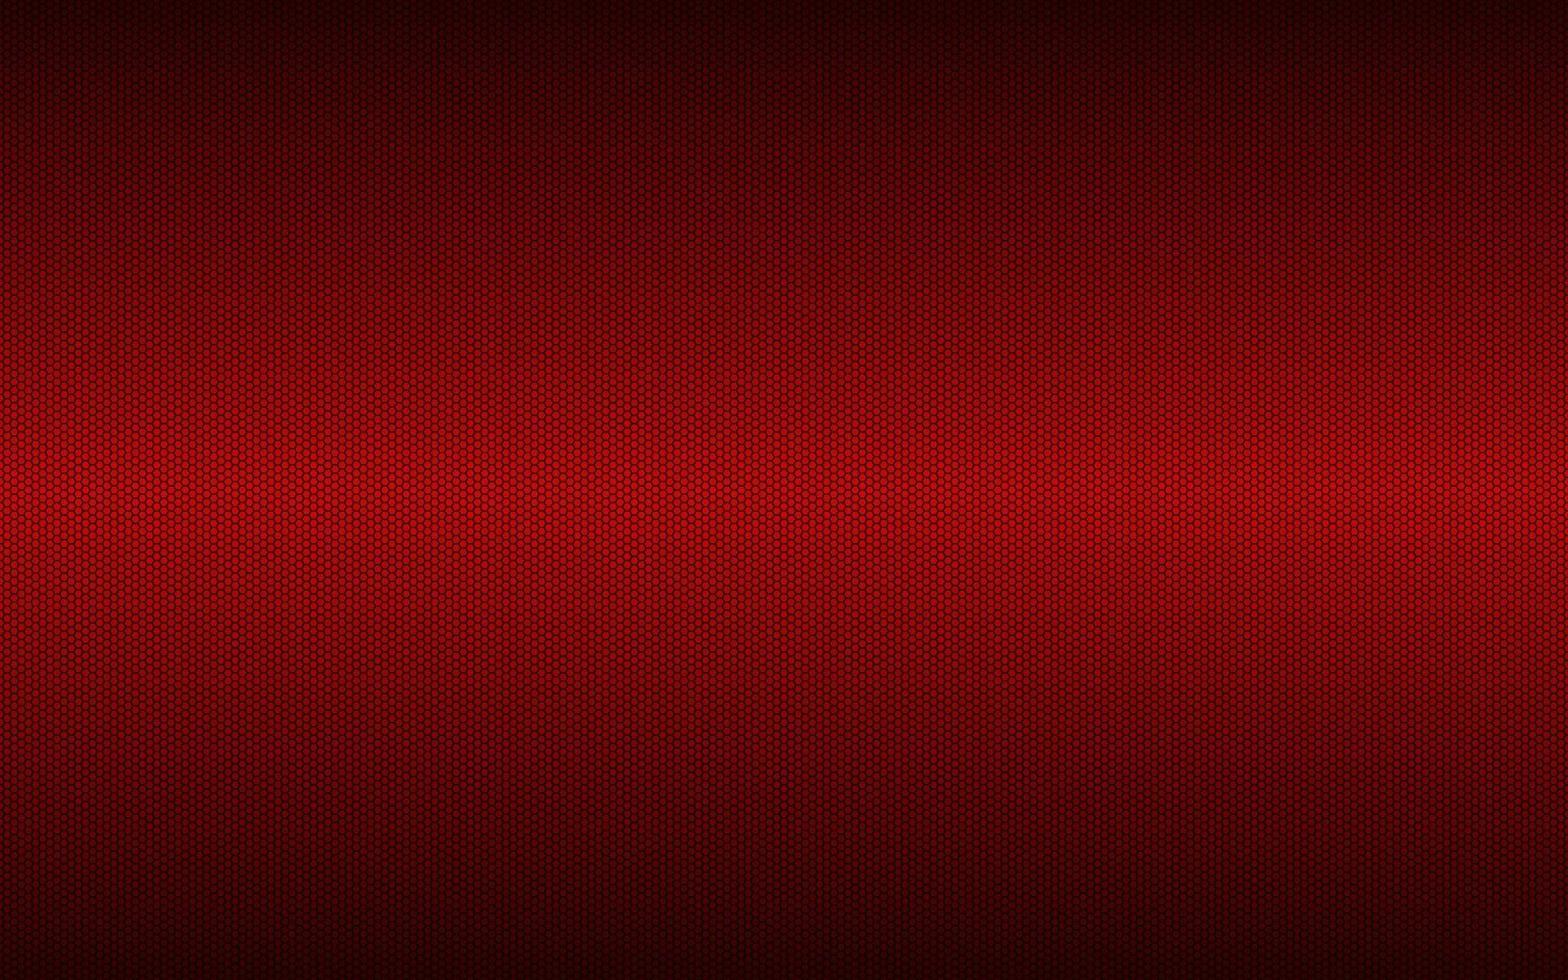 fond géométrique rouge moderne haute résolution avec grille polygonale. motif hexagonal métallique sombre abstrait. illustration vectorielle simple vecteur